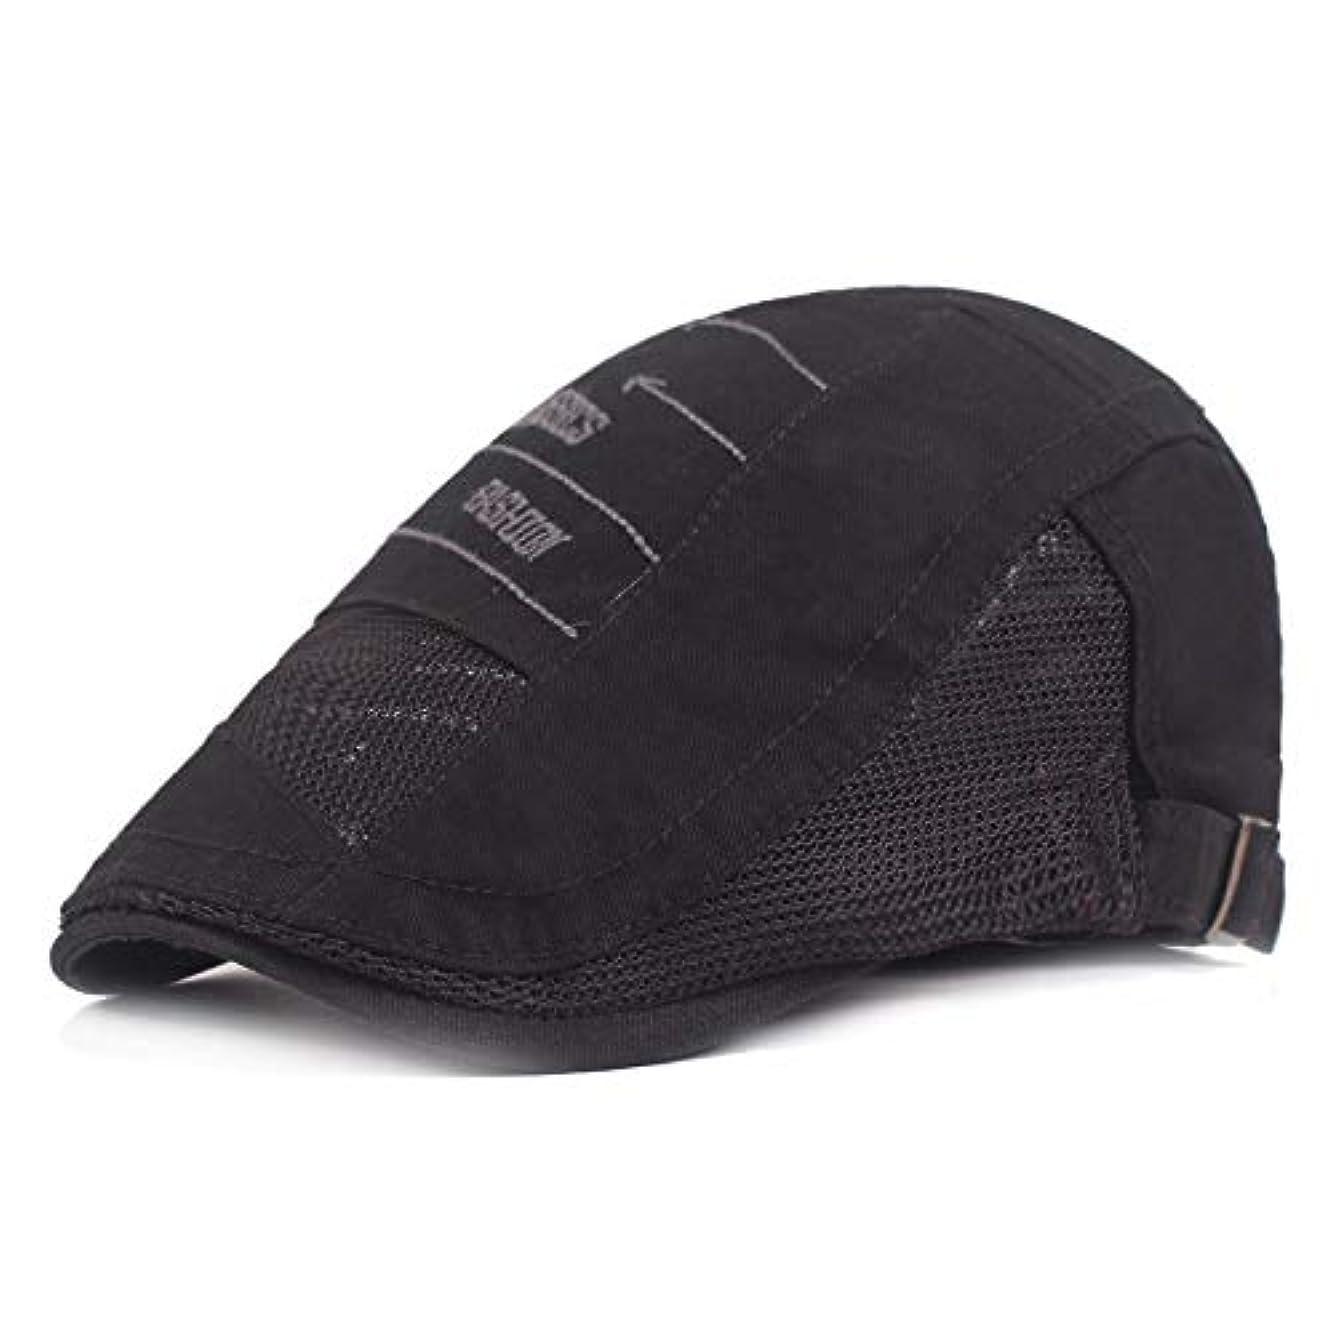 常習者ナチュラル勝利サマー ベレー帽 メッシュ キャスケットハンチング帽 メンズ レディース ハット トレッキング日よけ 帽子